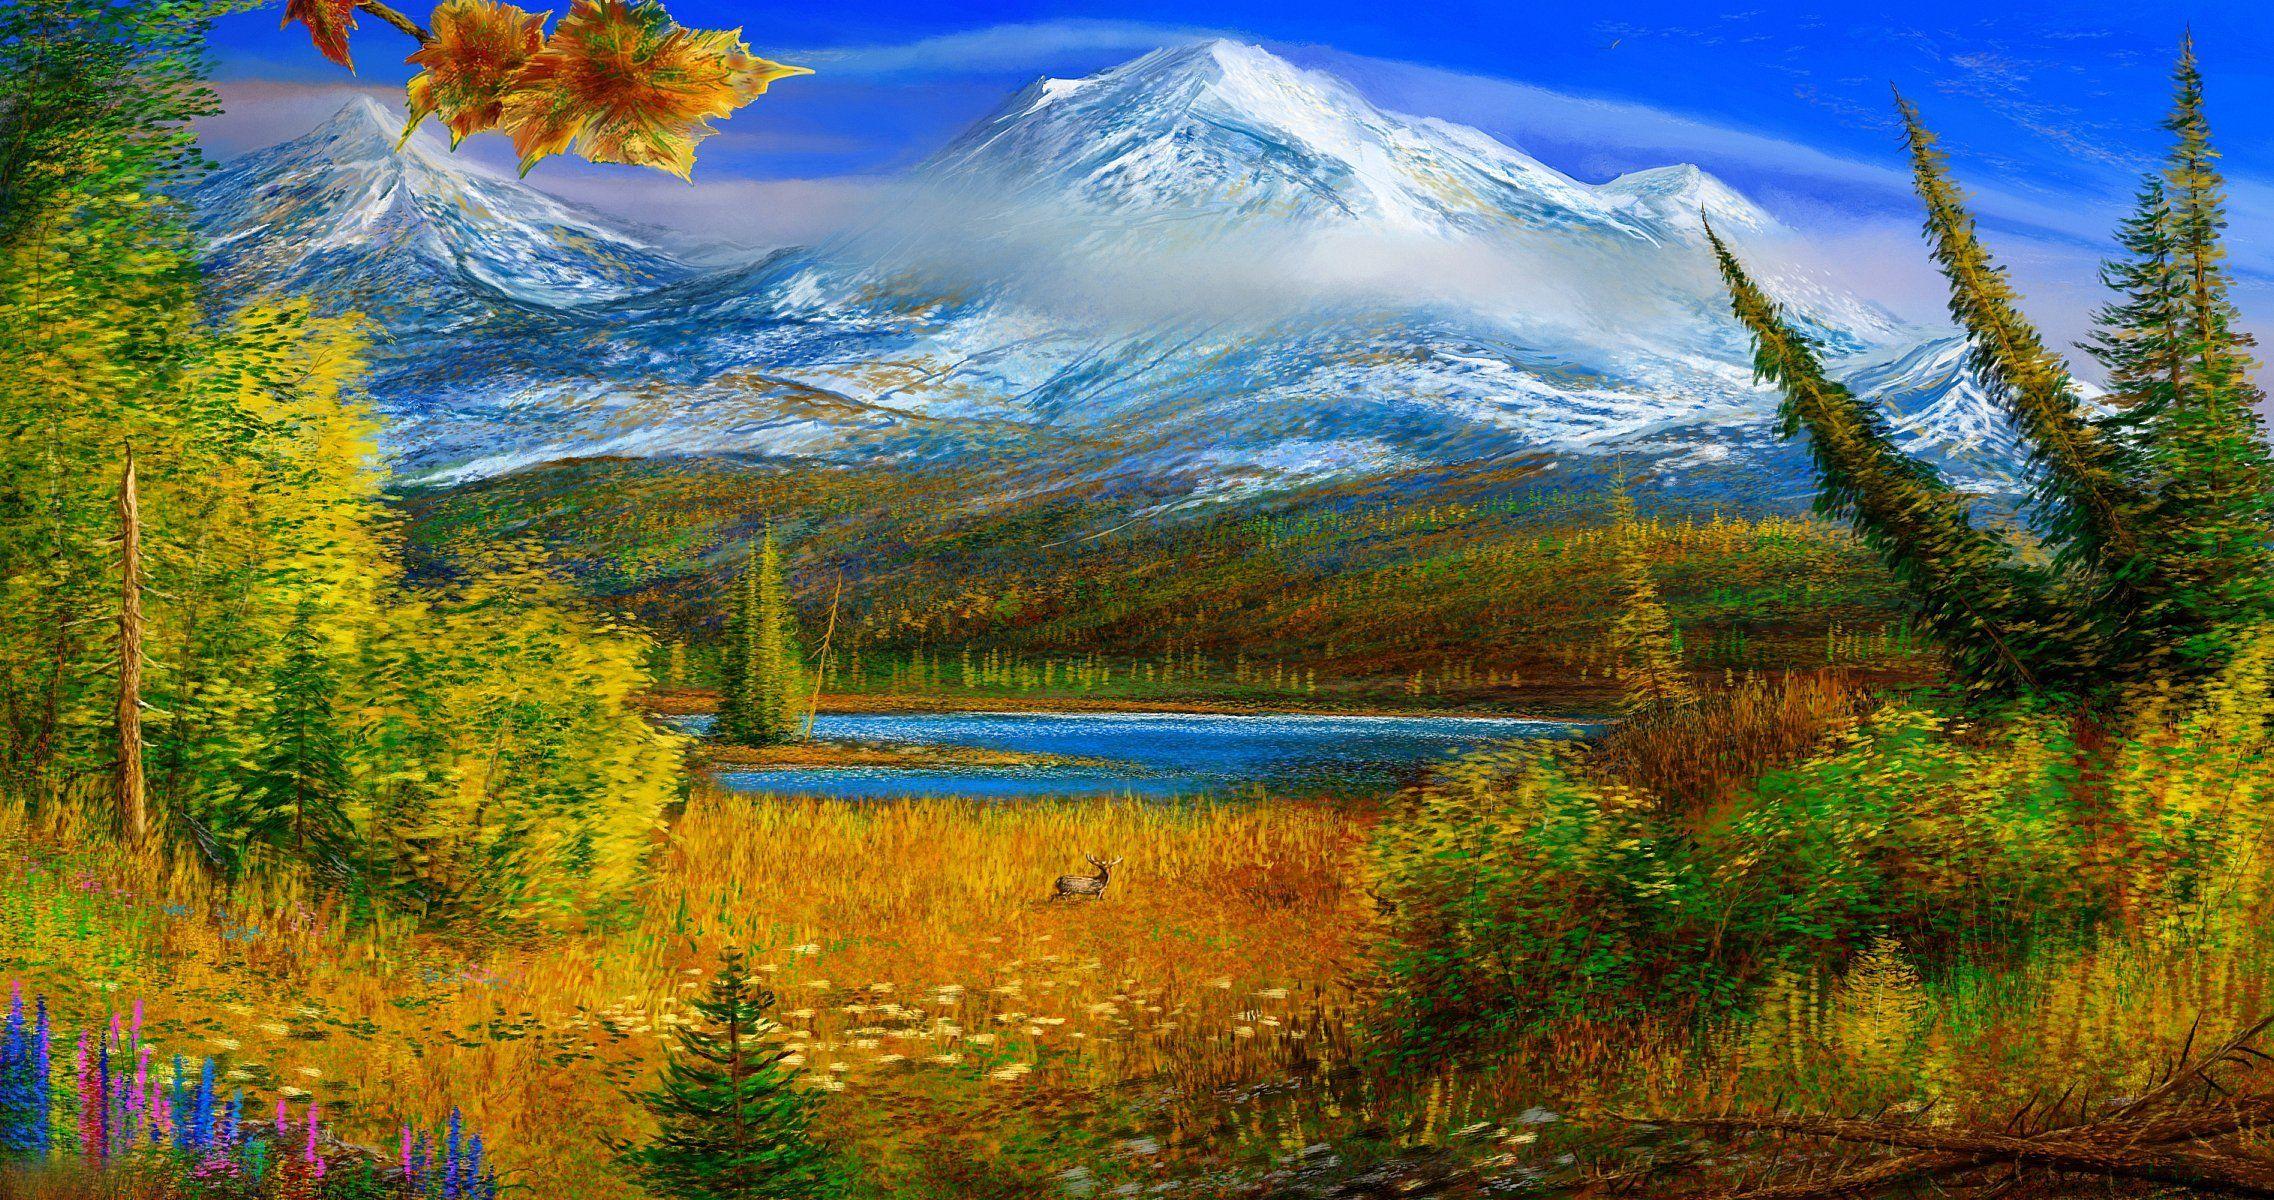 alaska autumn mountain pattern HD wallpaper Autumn